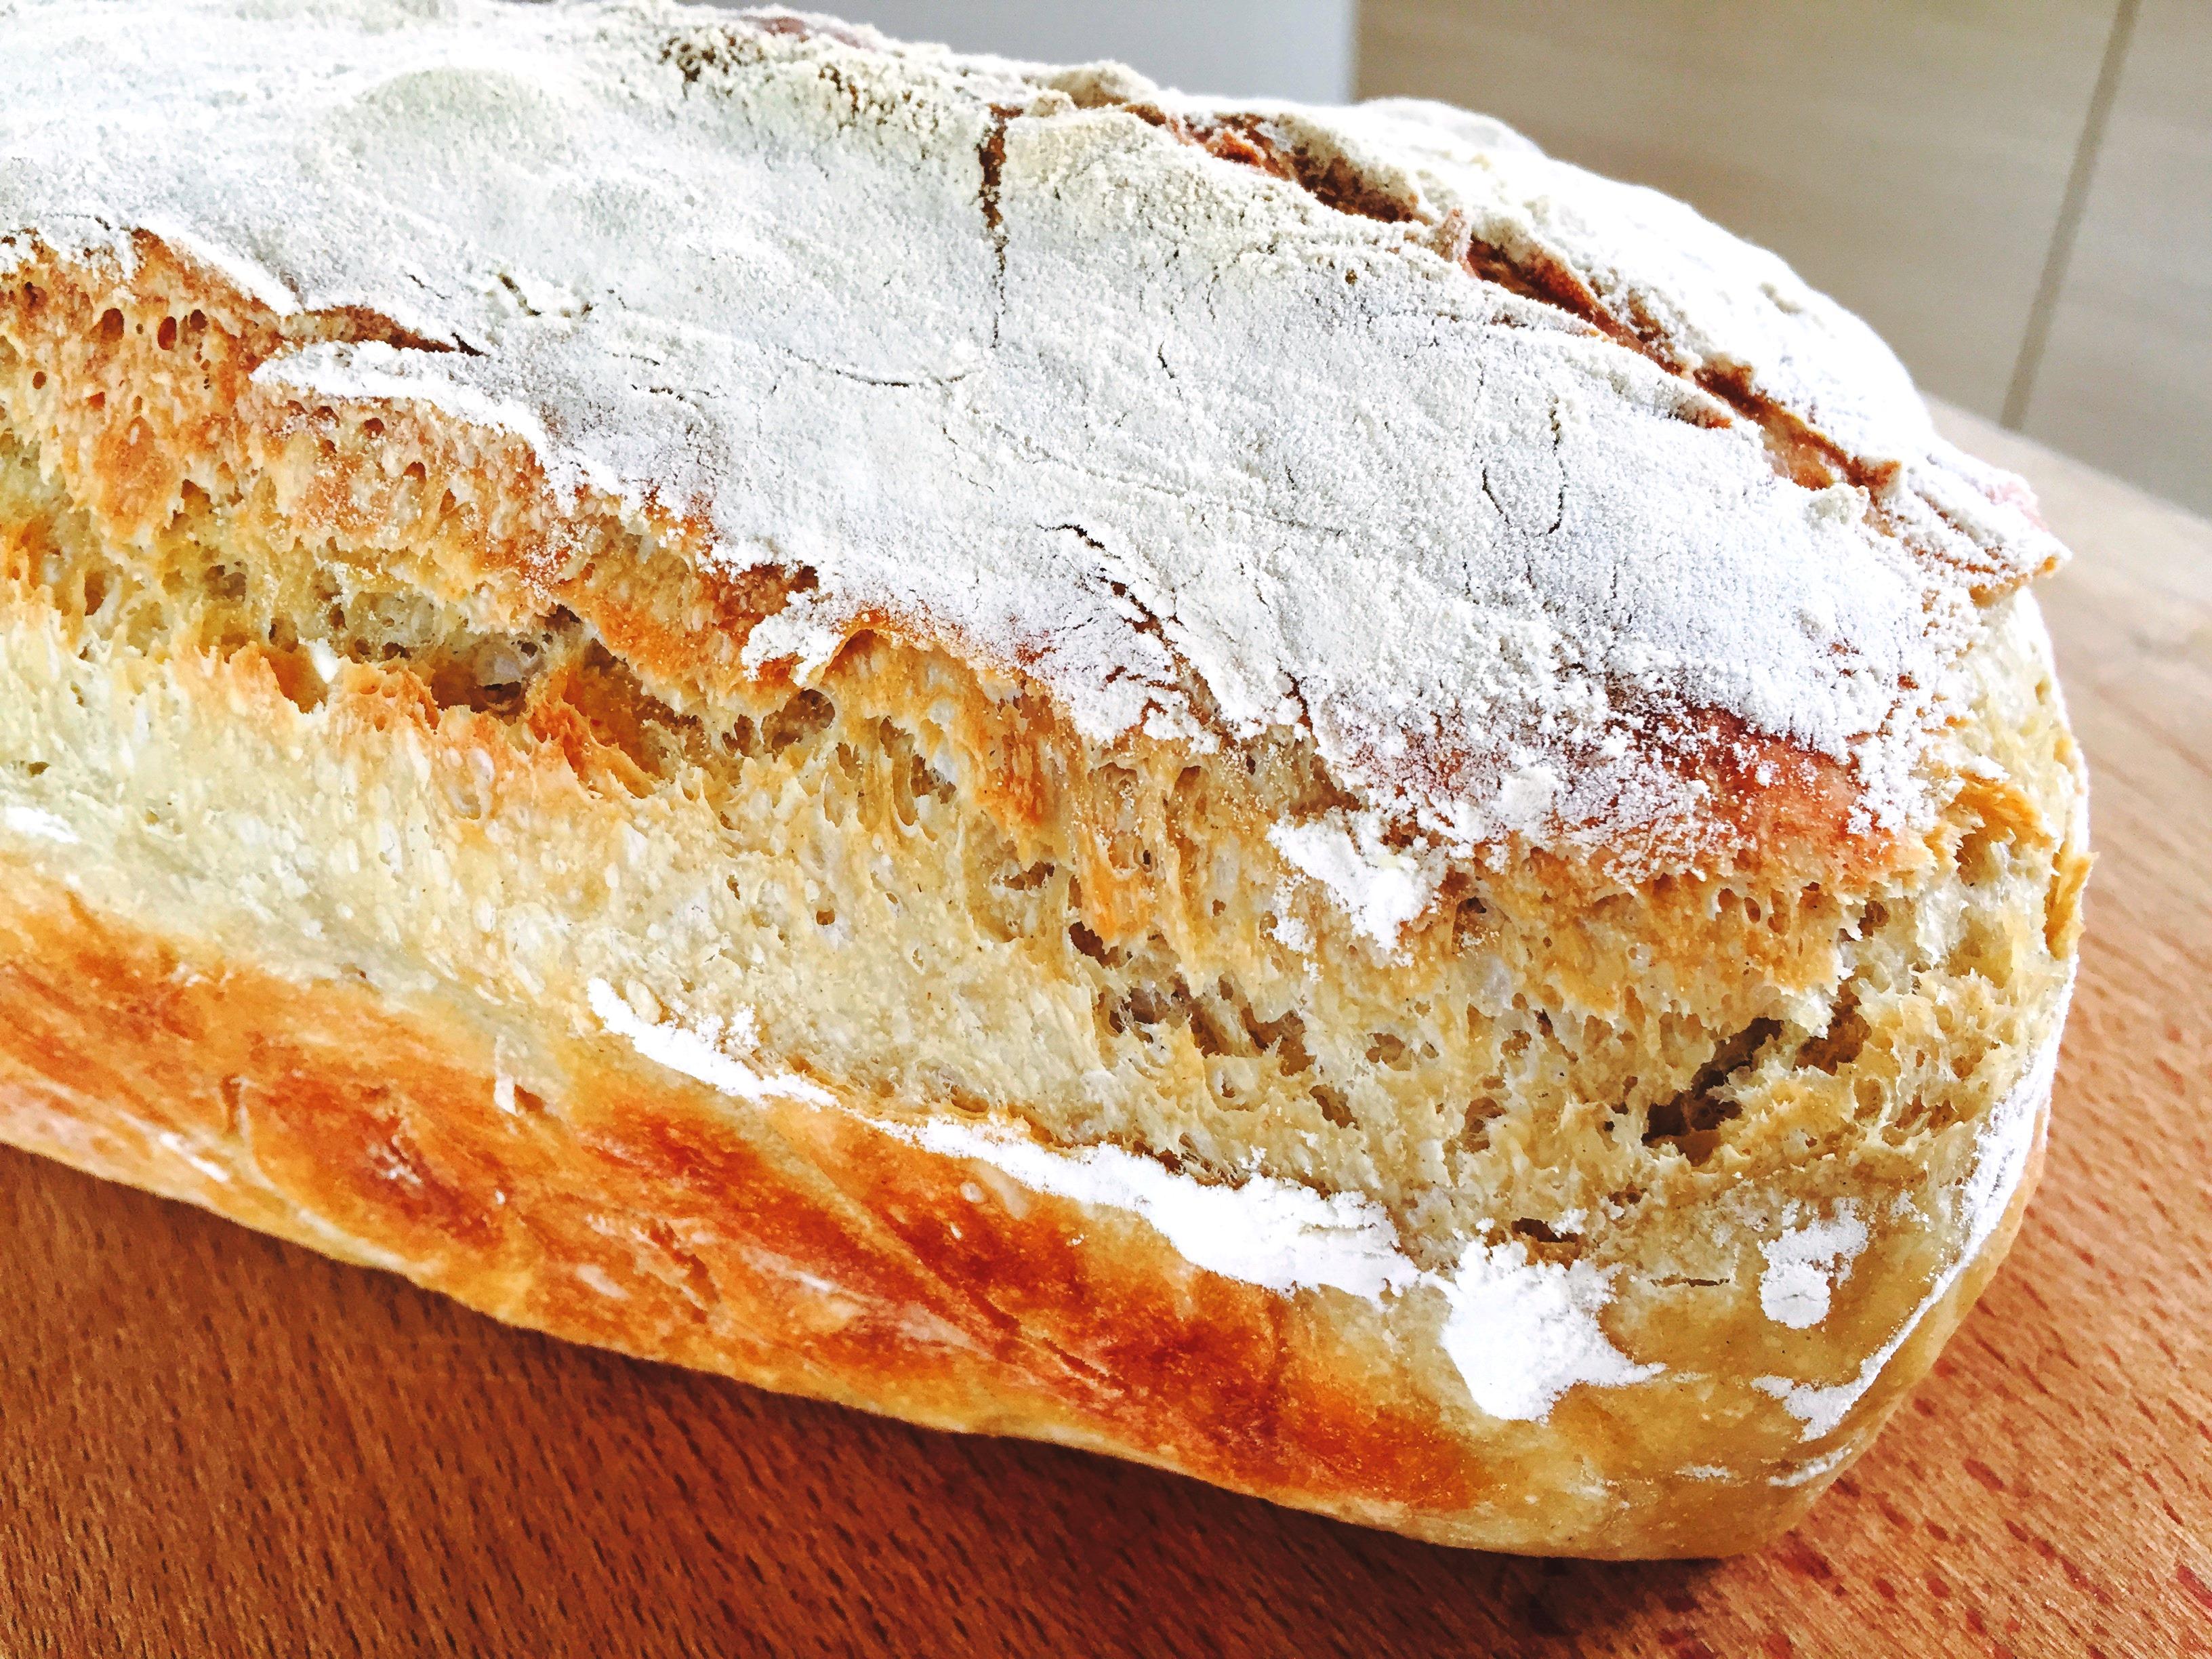 eltefritt grovbrød i brødform